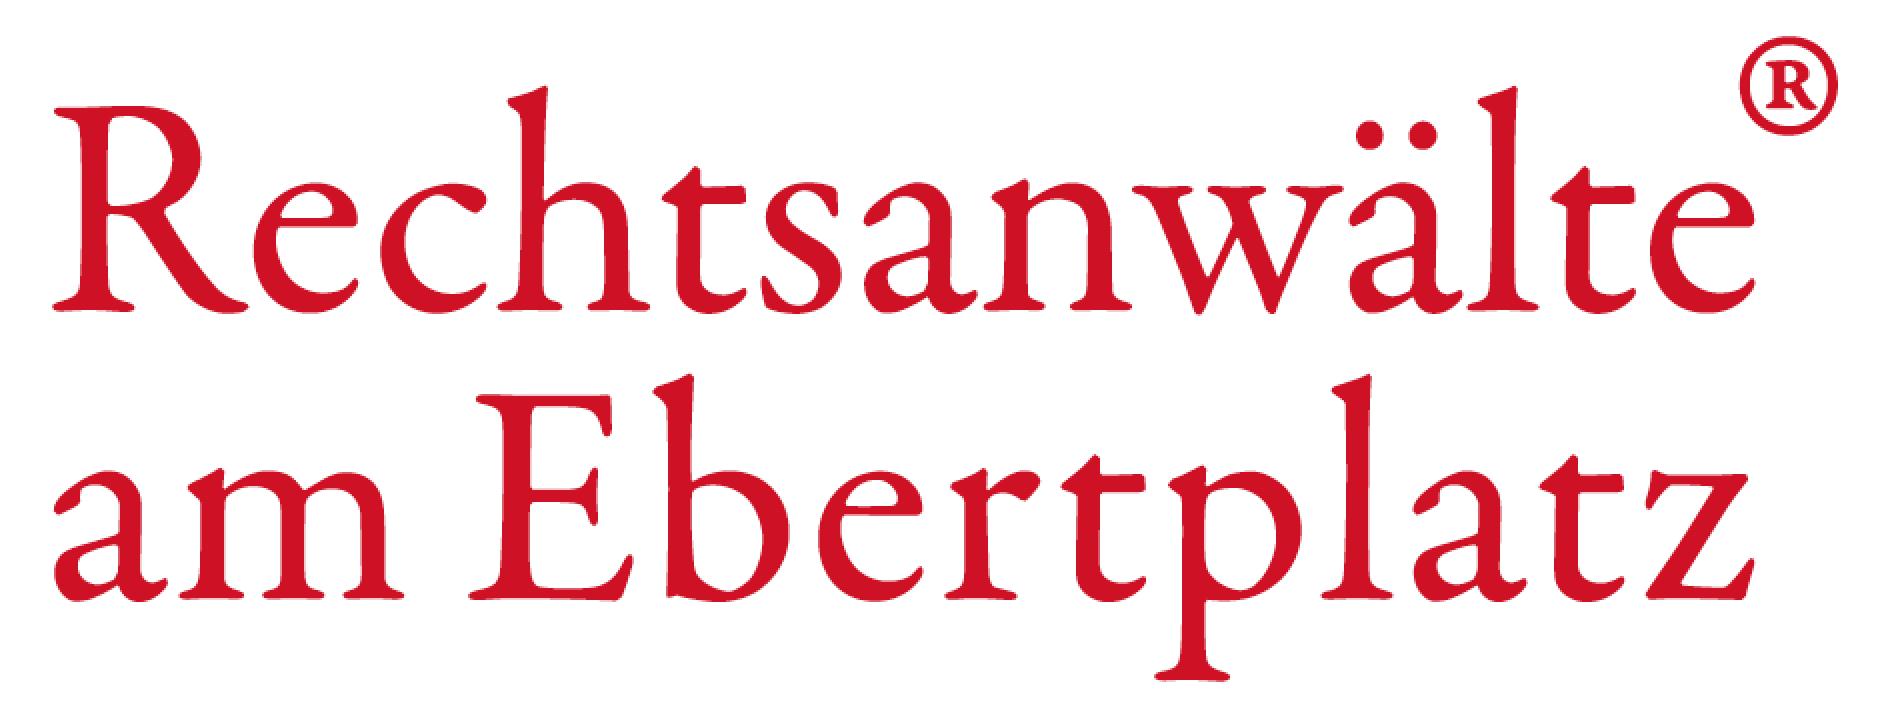 Rechtsanwälte am Ebertplatz Köln Verkehrsrecht Mietrecht Arbeitsrecht Anwalt Avukat